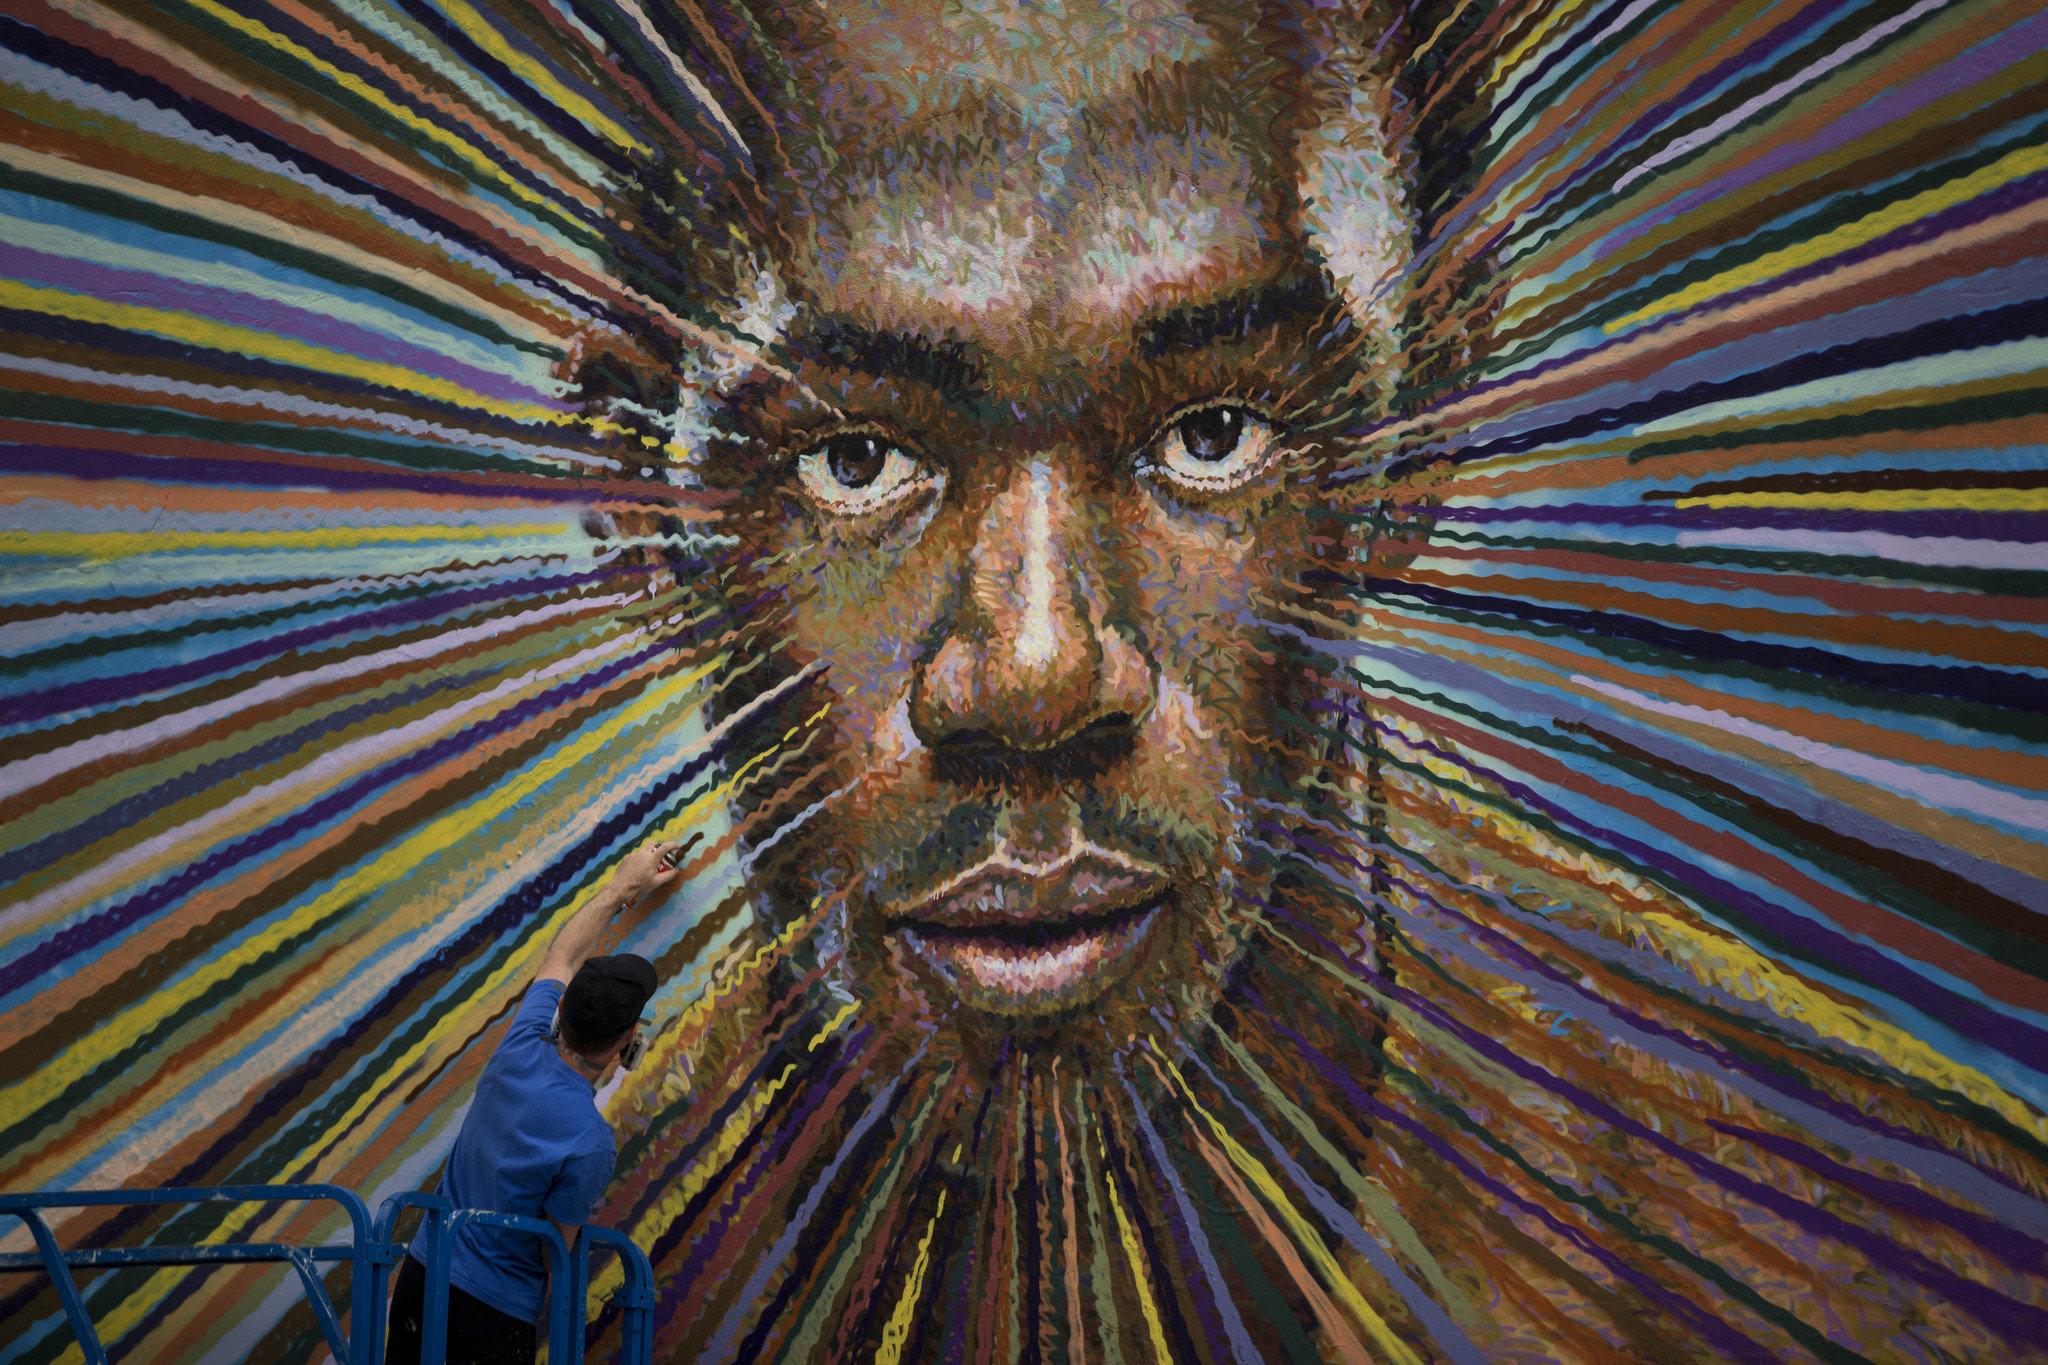 Usain Bolt, prochaine star de la planète foot ?